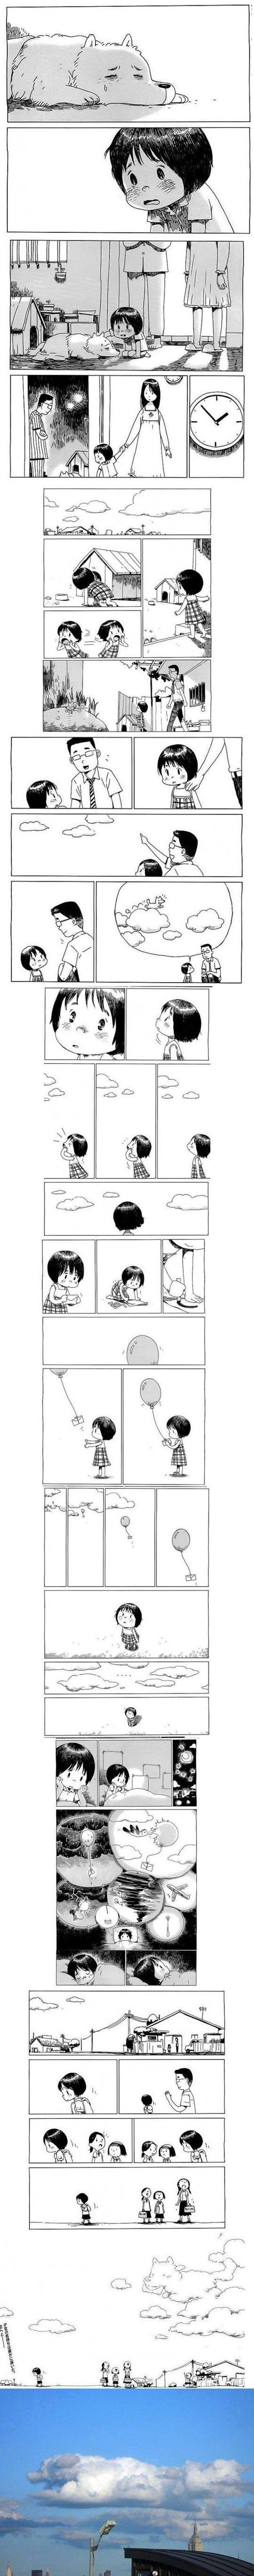 Little Girl & Dog Story